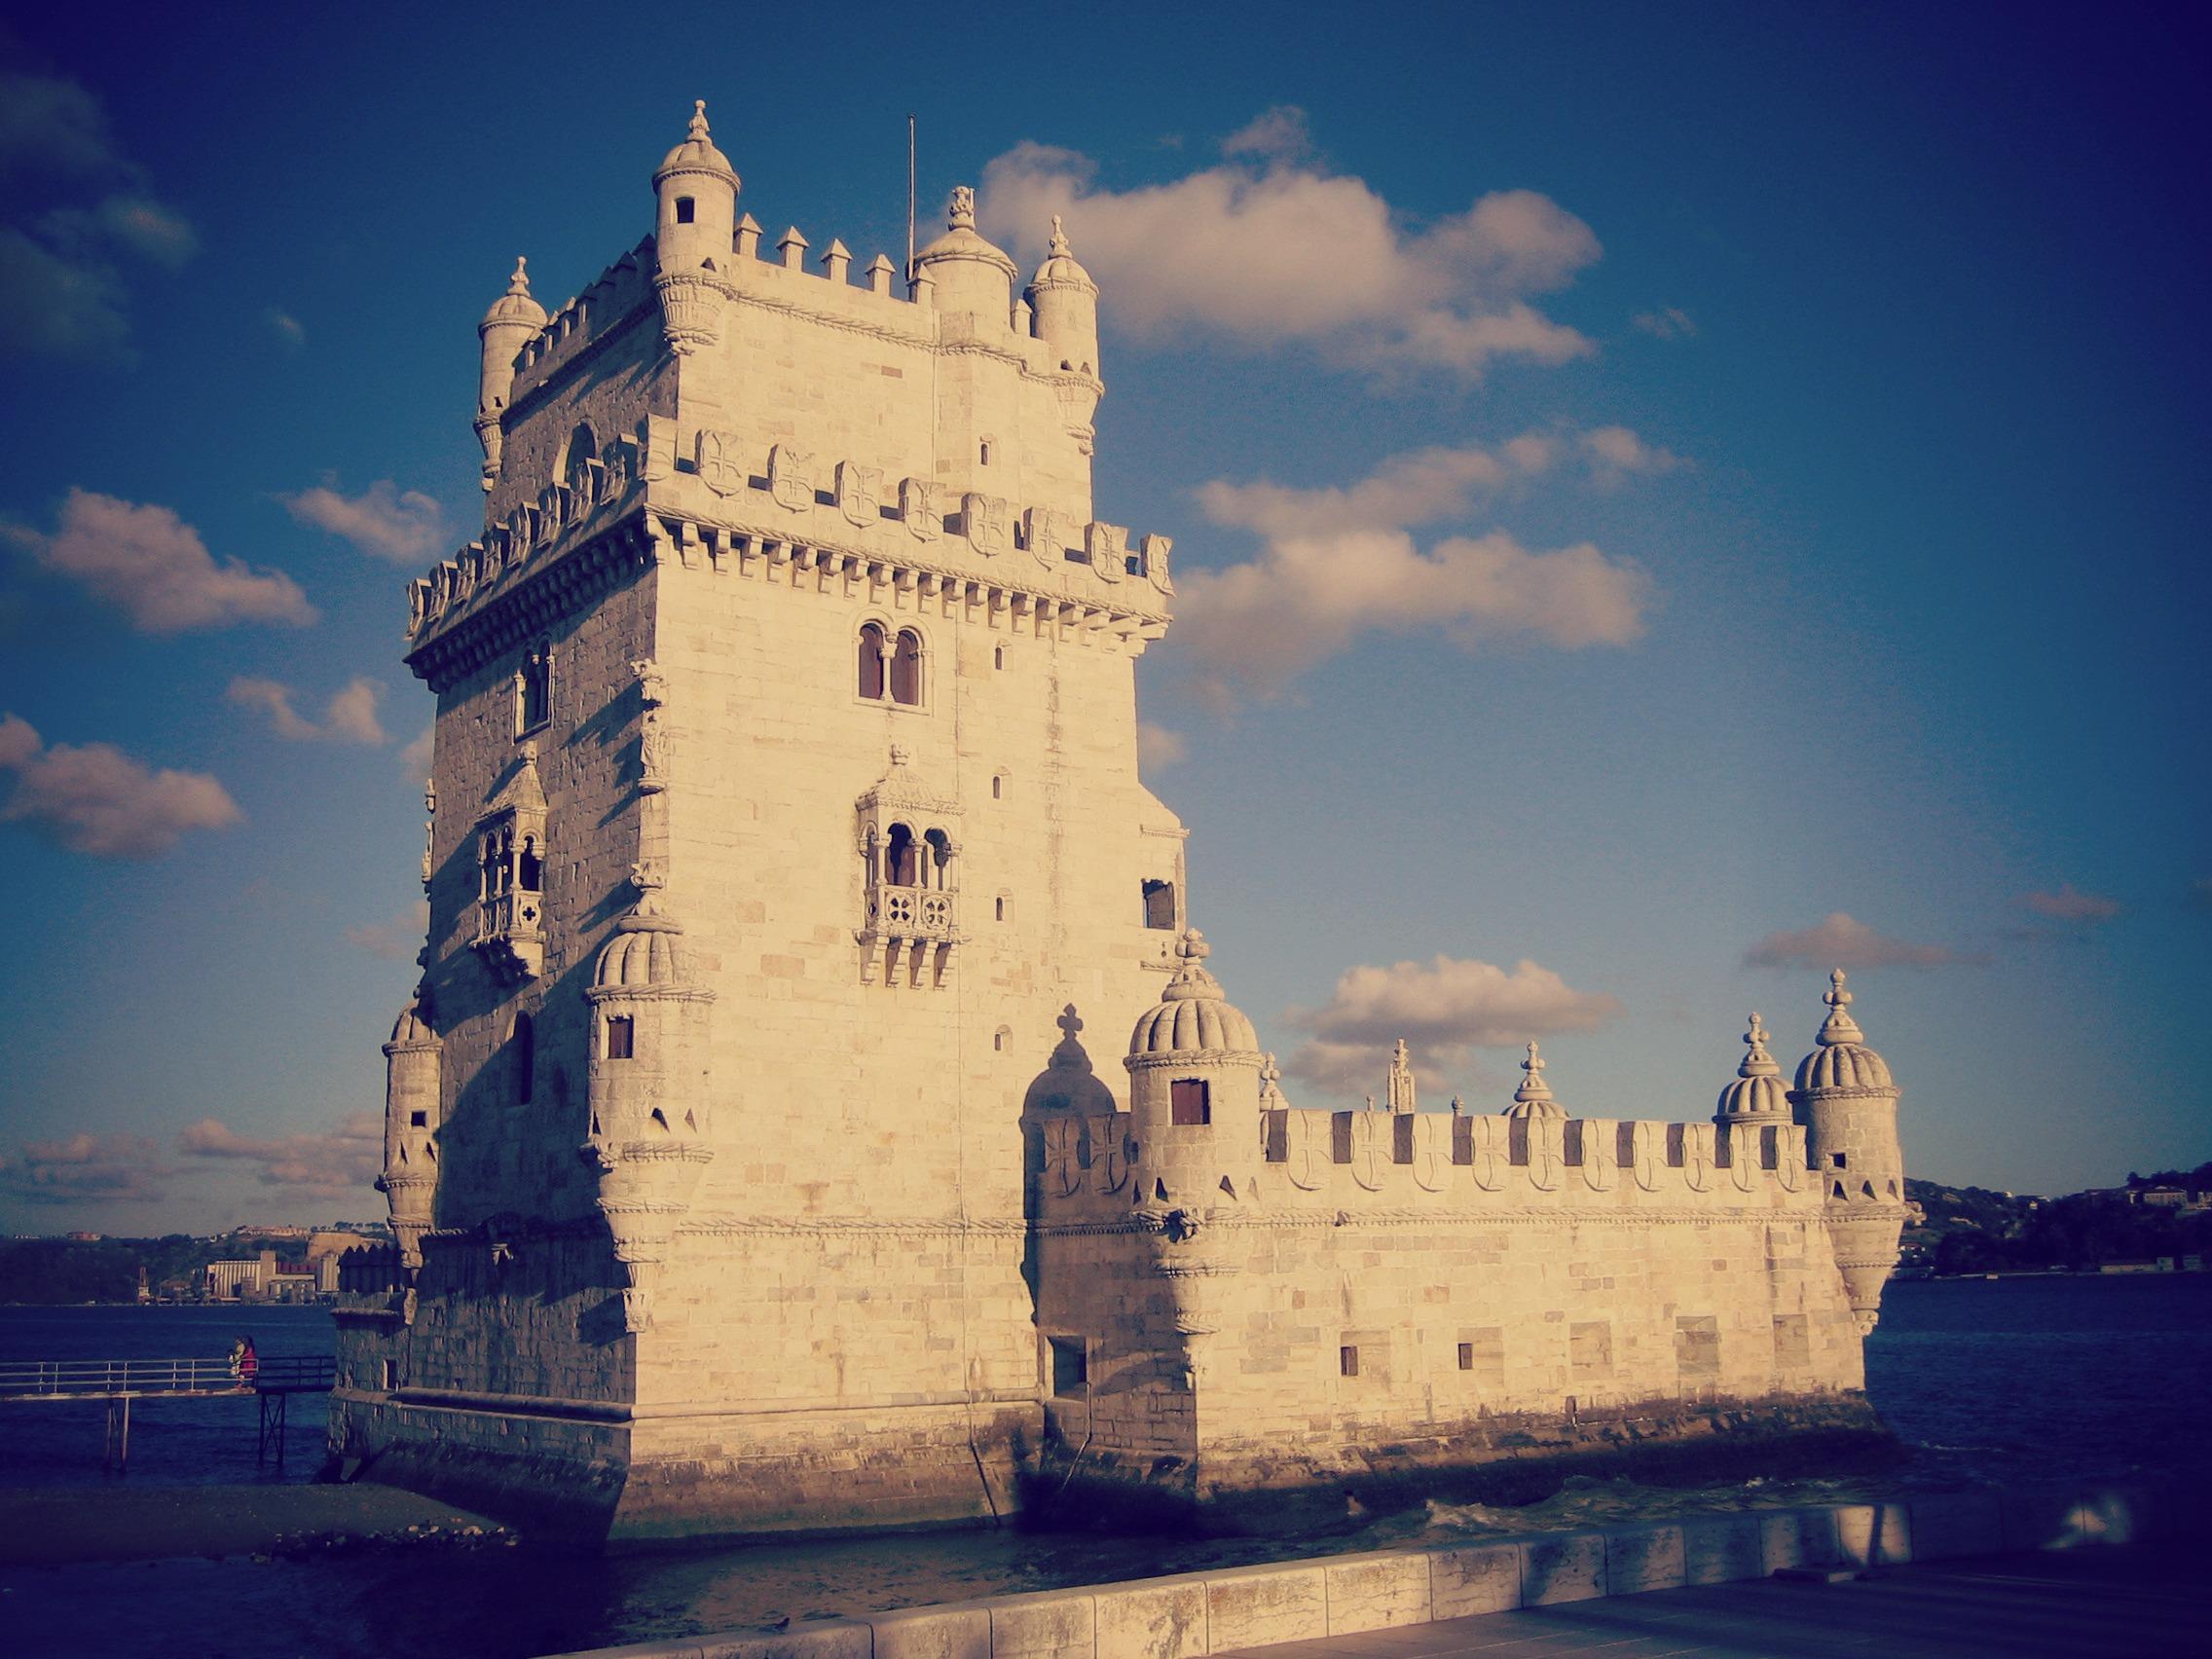 Um passeio à Torre de Belém | A ride to Belém Tower